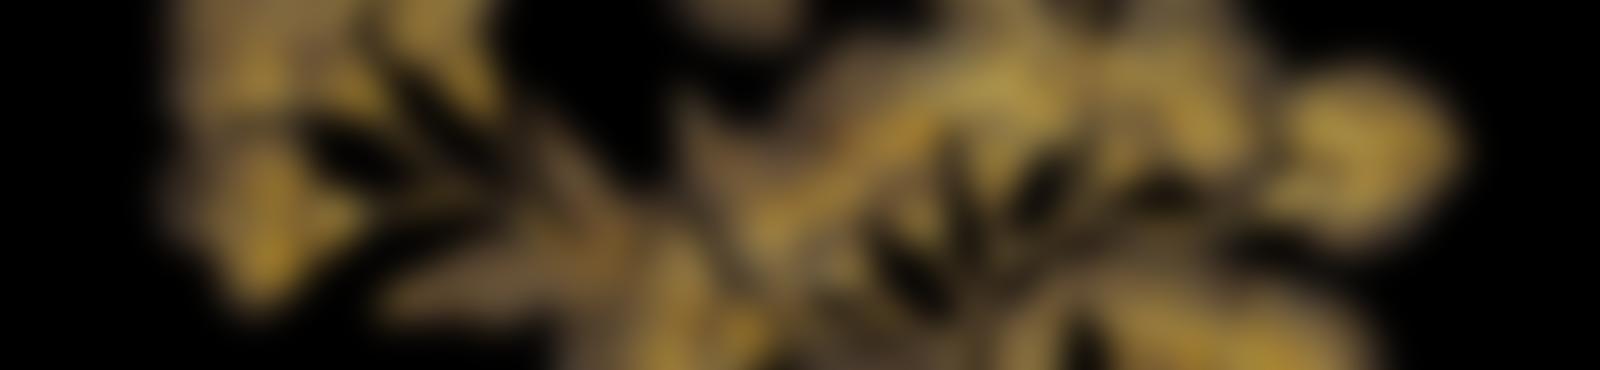 Blurred 811e9a5a 971d 40a4 bbab 6dd5fa372f30